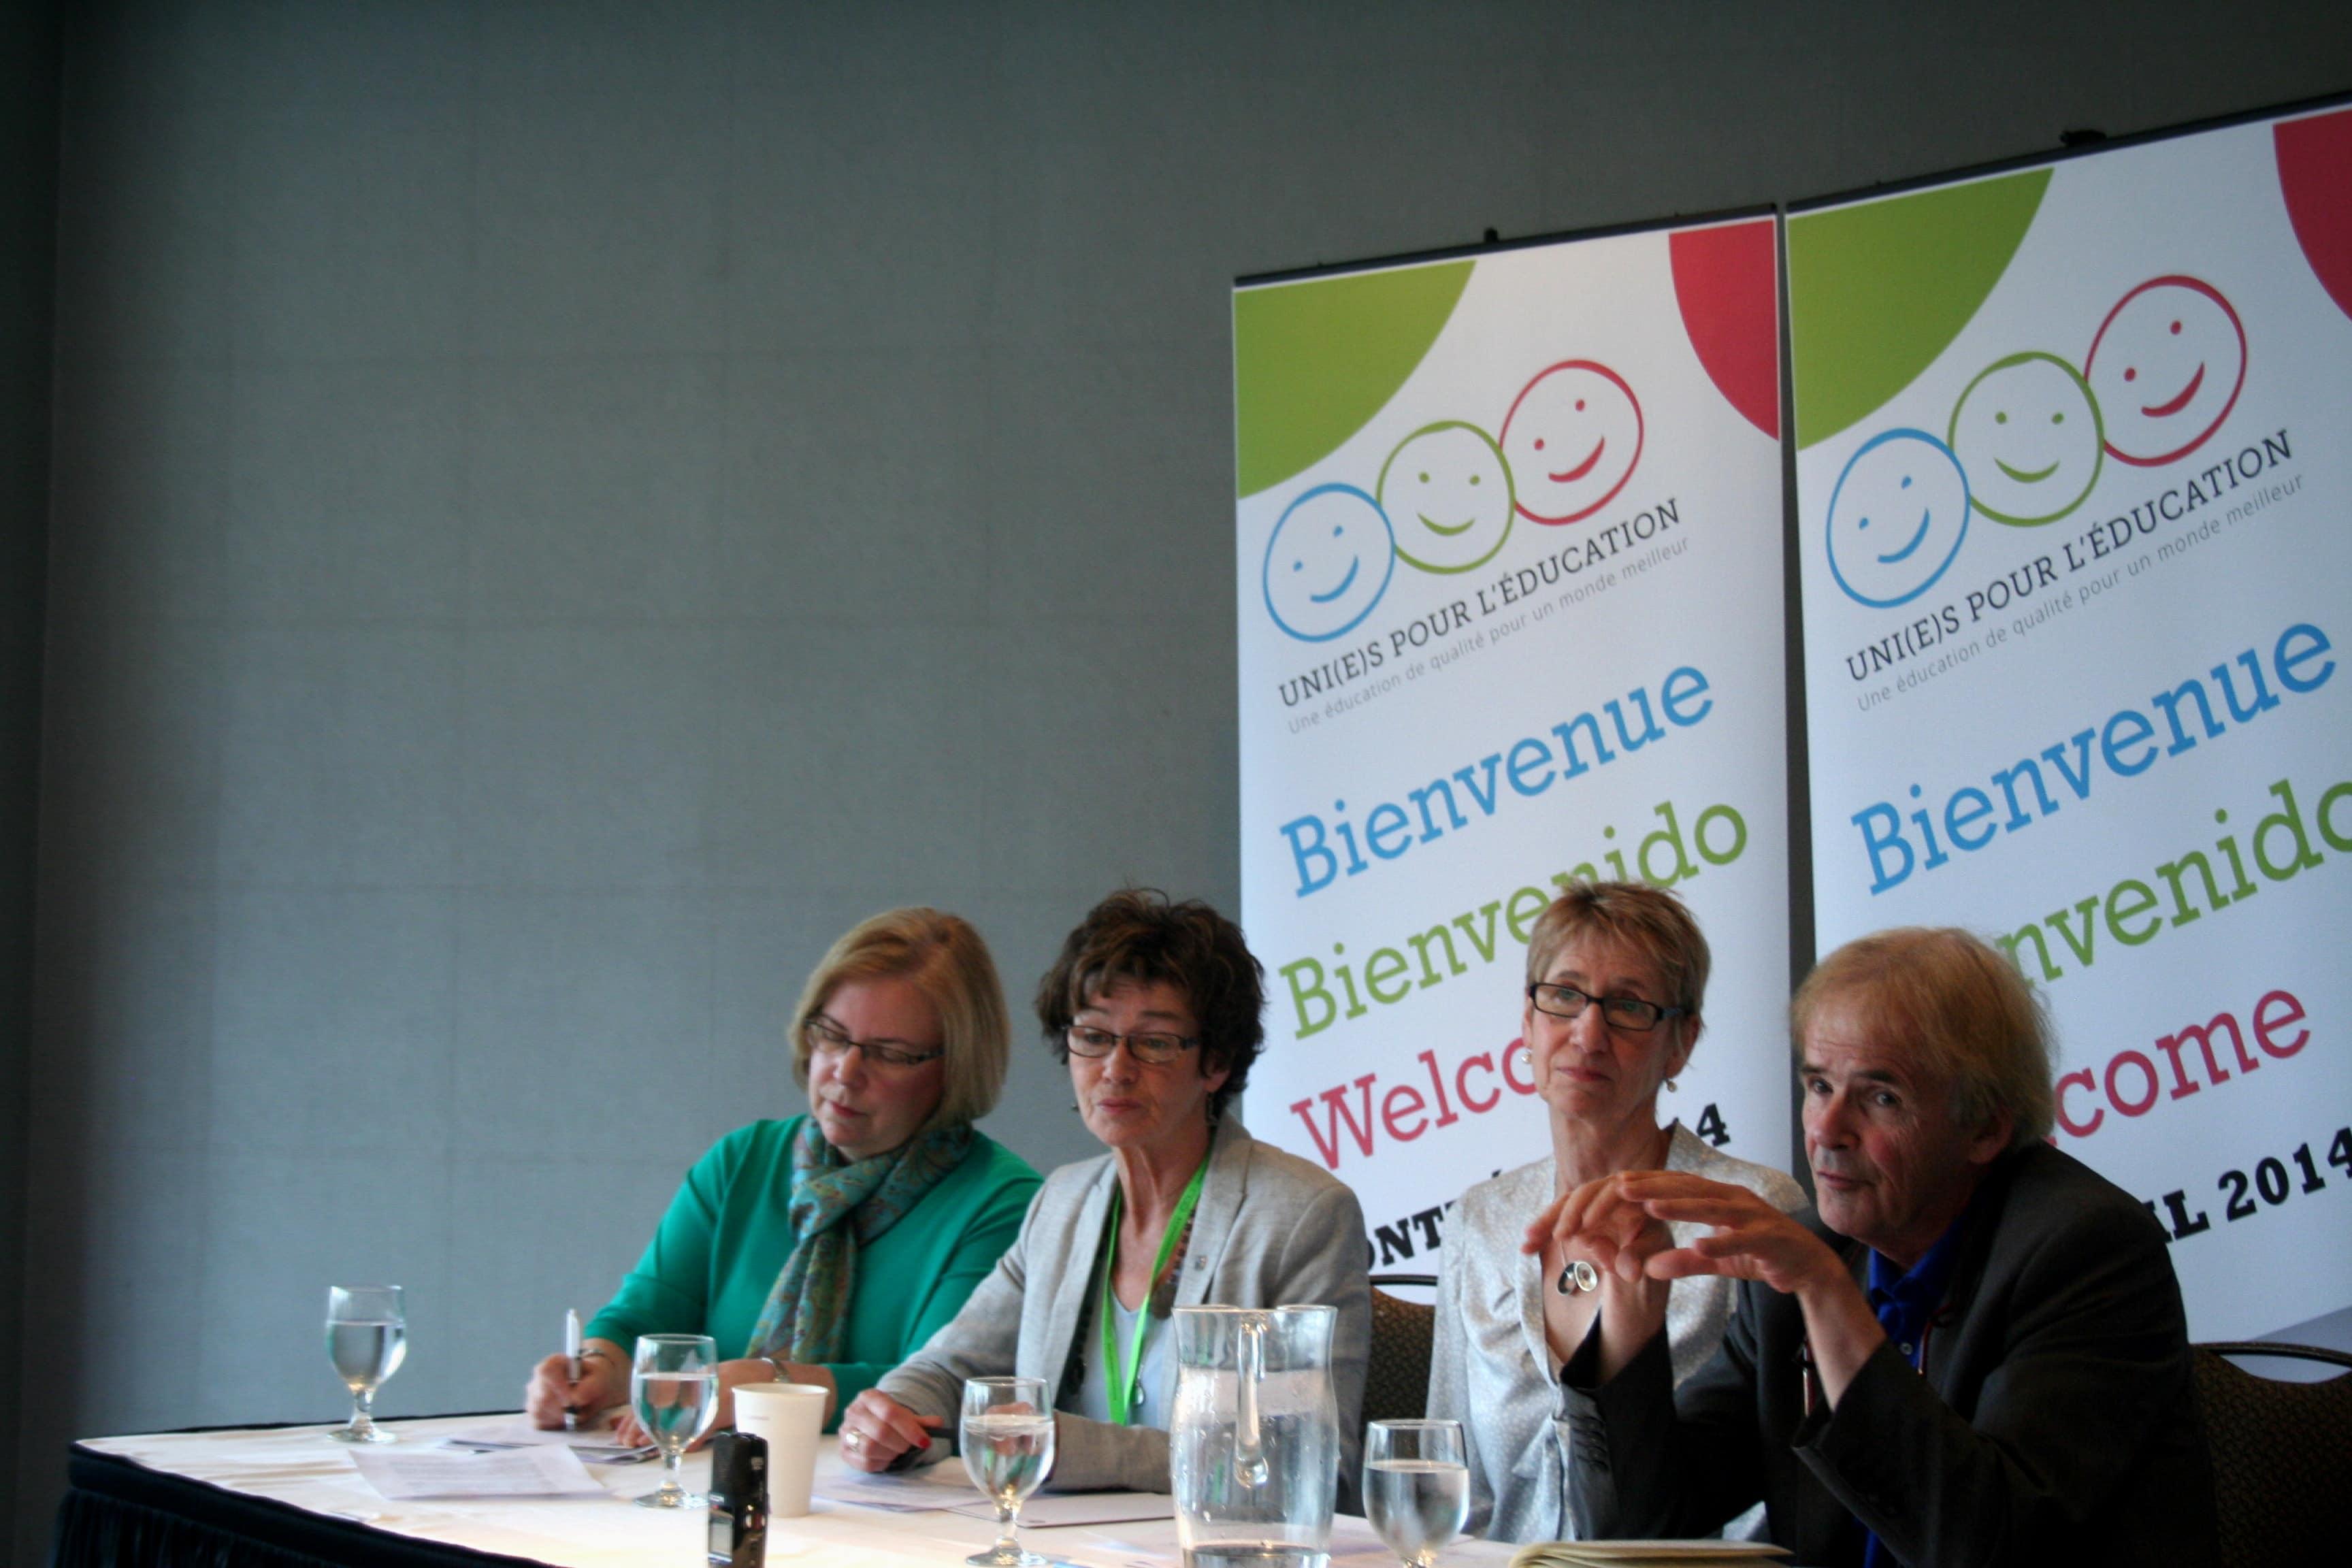 De gauche à droite : Fred Van Leewen, Susan Hopgood, Louise Chabot et Dianne Woloschuk (Crédit photo : Charles-Antoine Gosselin)